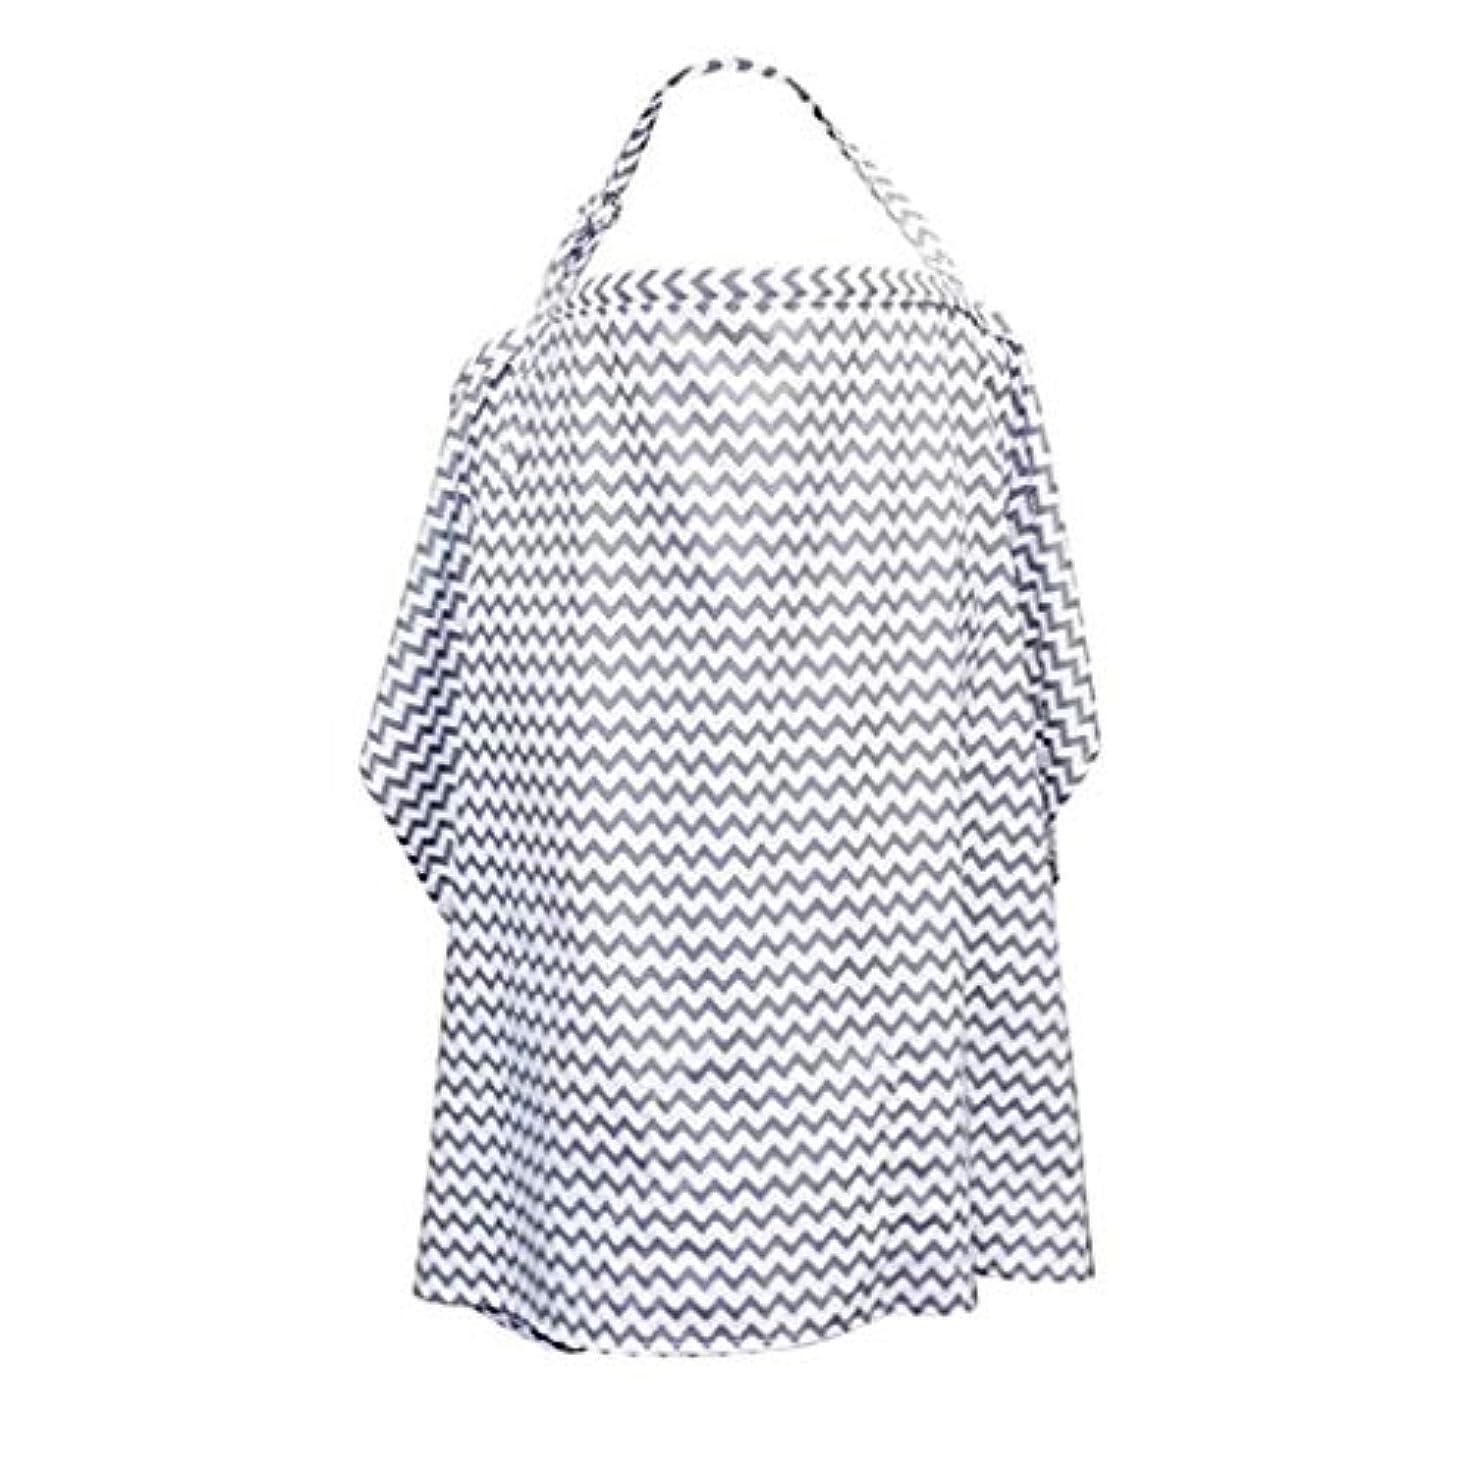 起きる説得パステル調節可能なストラップ付き母乳育児カバー - 100%プレミアムコットンベースの看護カバー - 屋外給餌赤ちゃん看護布 - 収納バッグ&タオルコーナー (グレー)